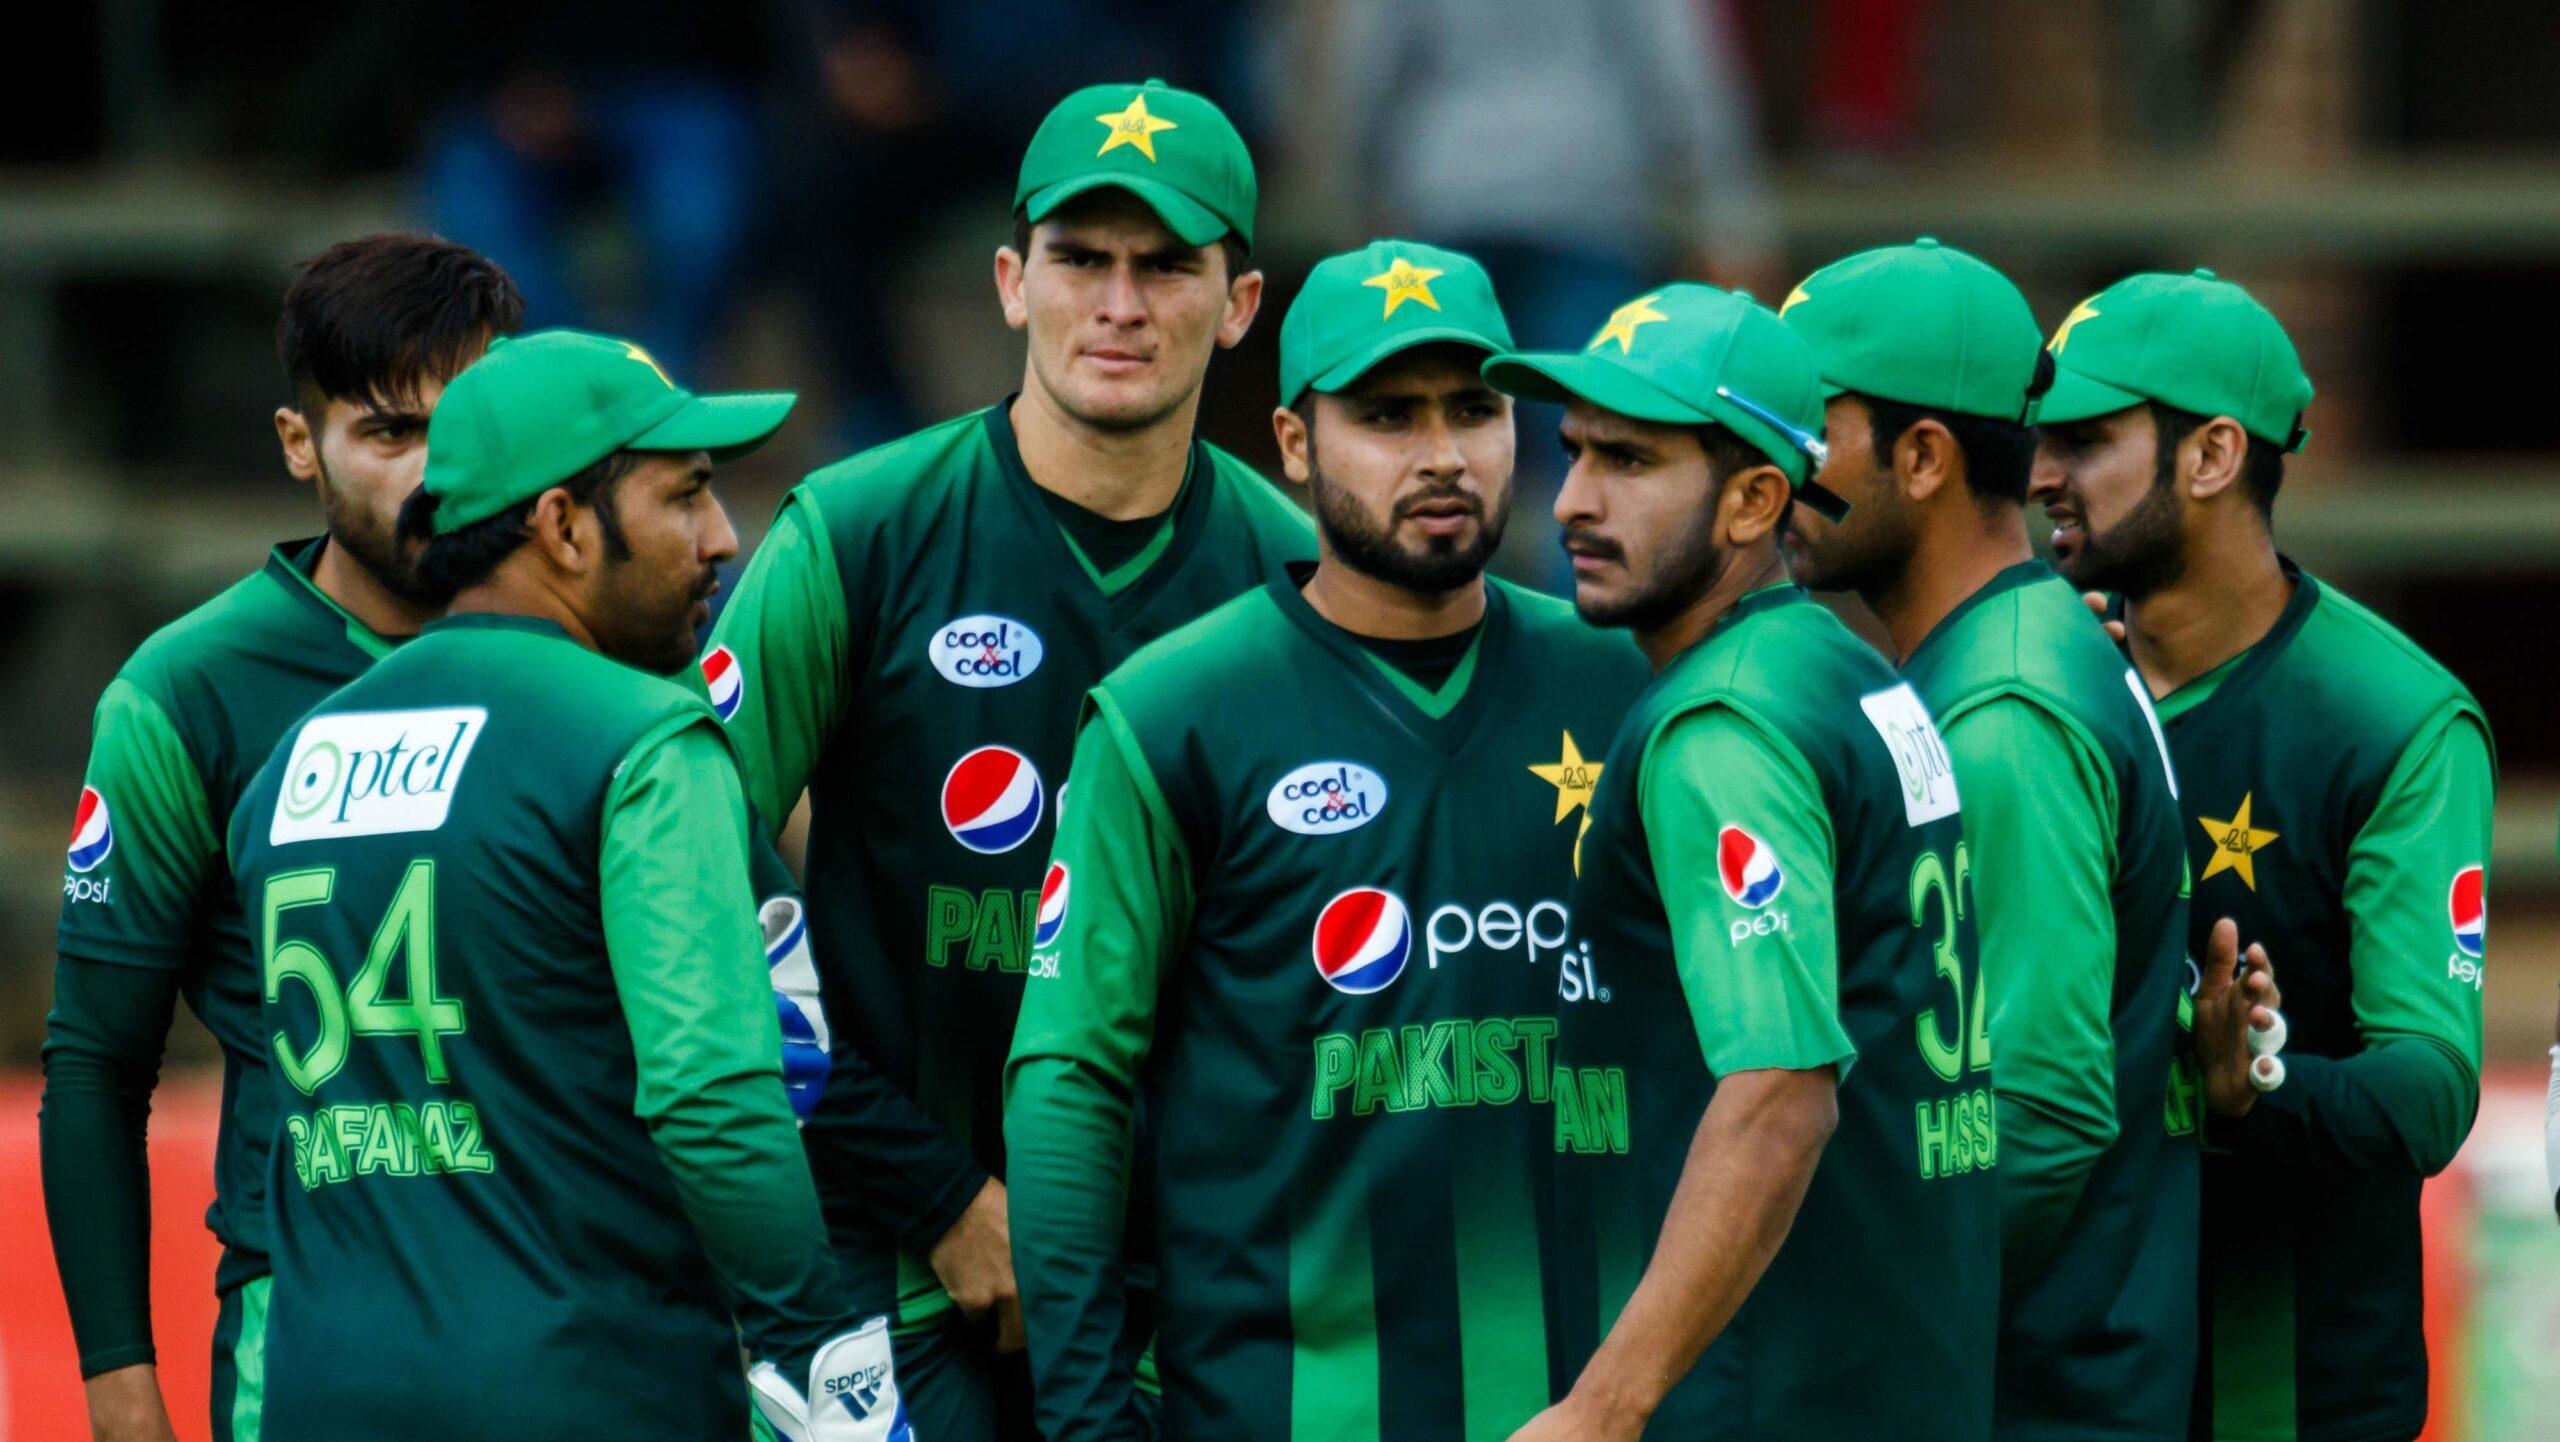 টি টোয়েন্টি বিশ্বকাপের জন্য দল ঘোষণা করল পাকিস্তান, বাদ পড়লেন এই তারকা ক্রিকেটার 2